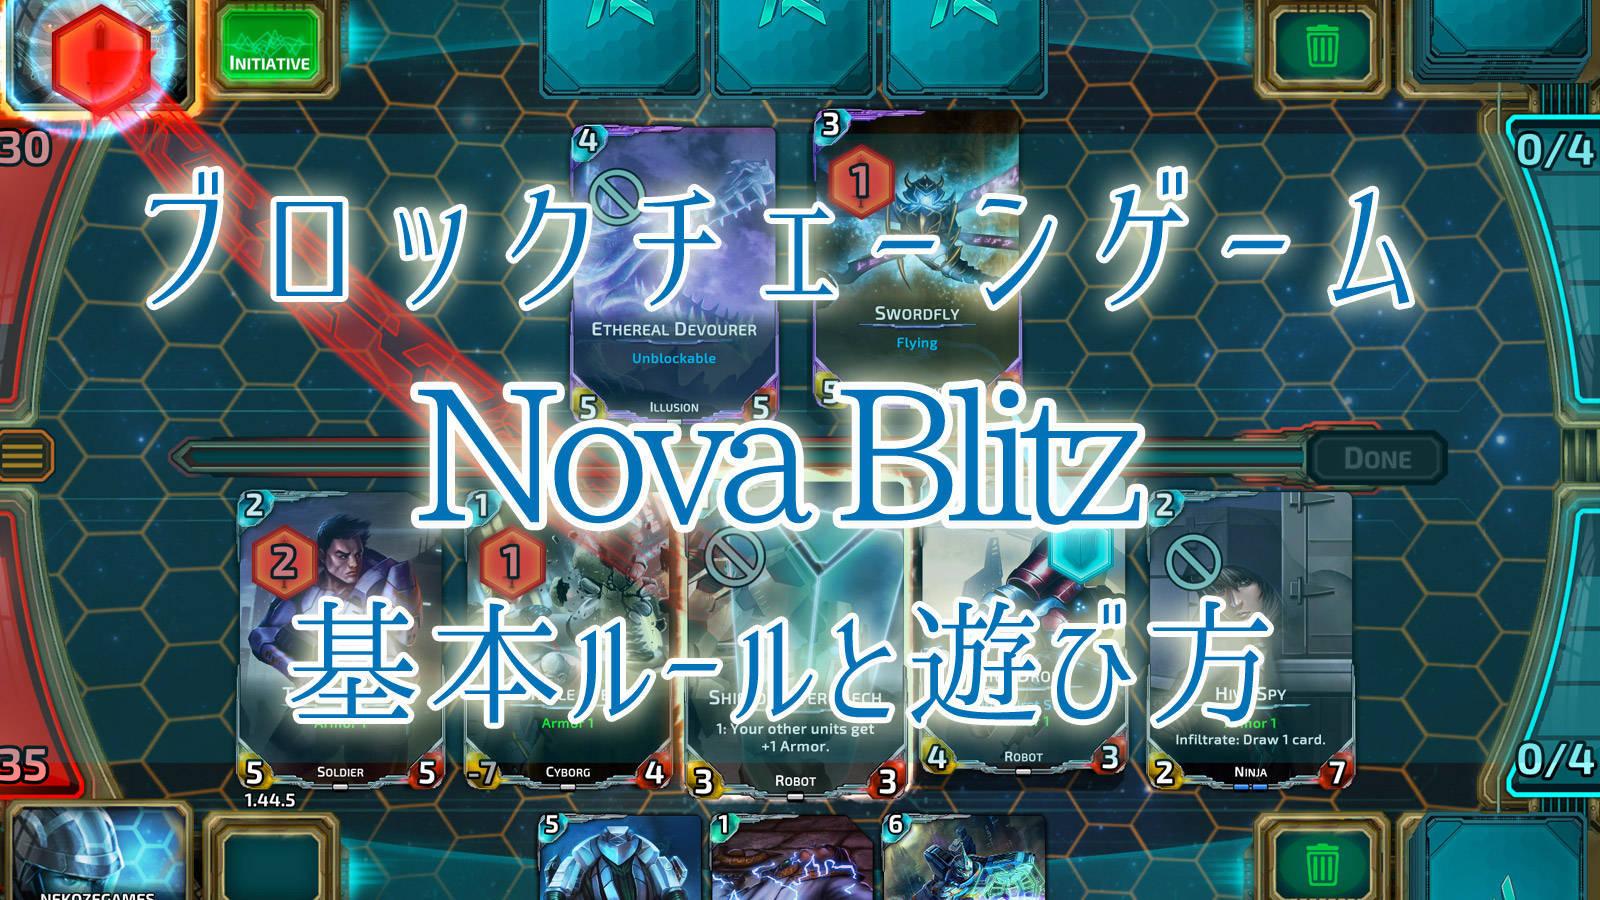 ブロックチェーンゲーム|Nova Blitzの基本ルールと遊び方